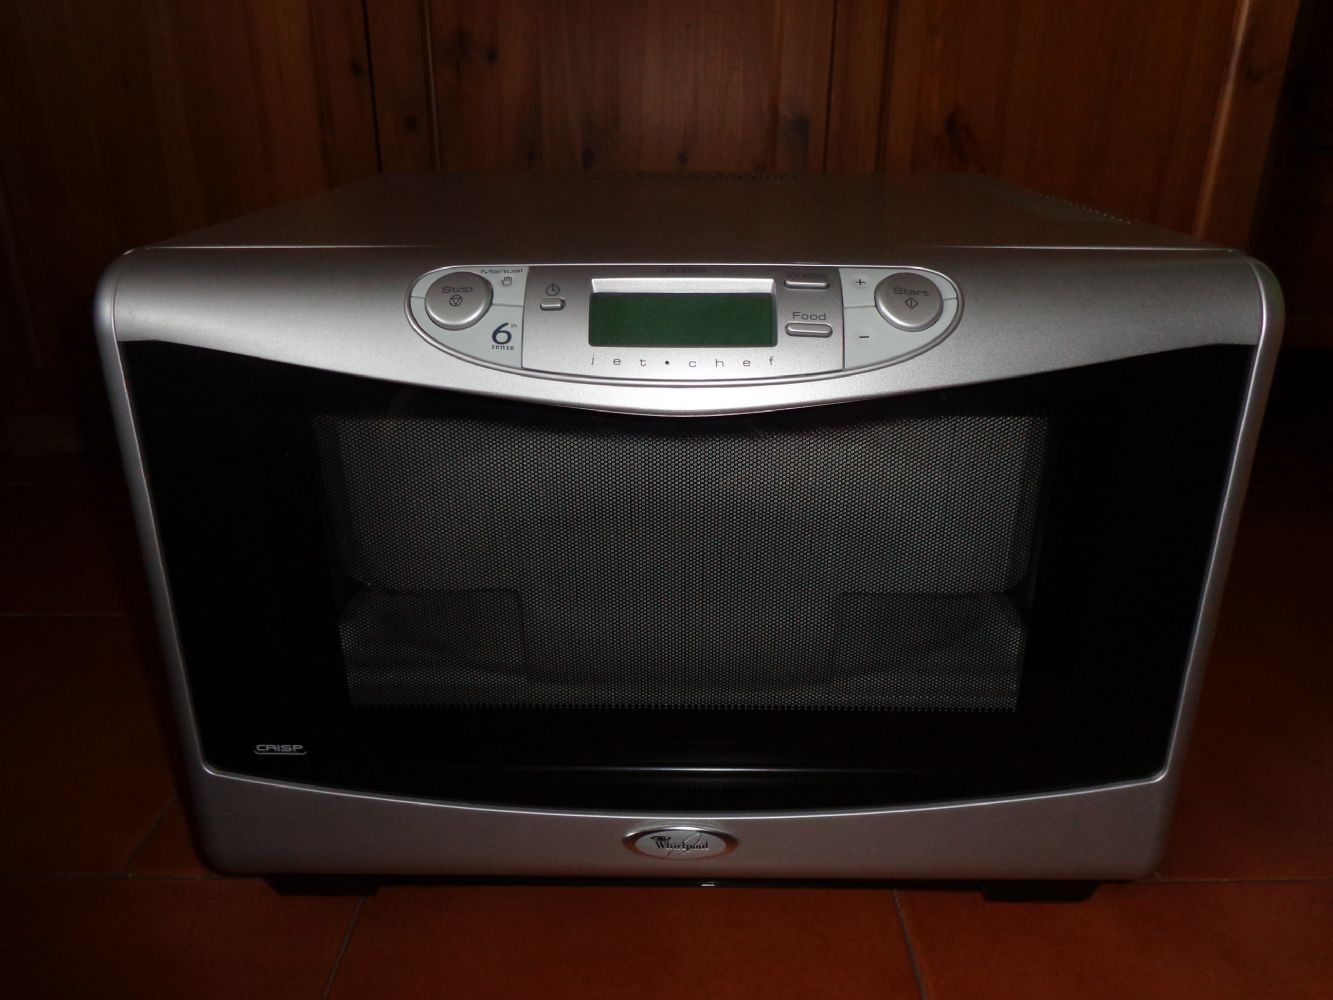 Baratto scambio forno whirlpool multicook elettronica - Forno microonde whirlpool sesto senso ...